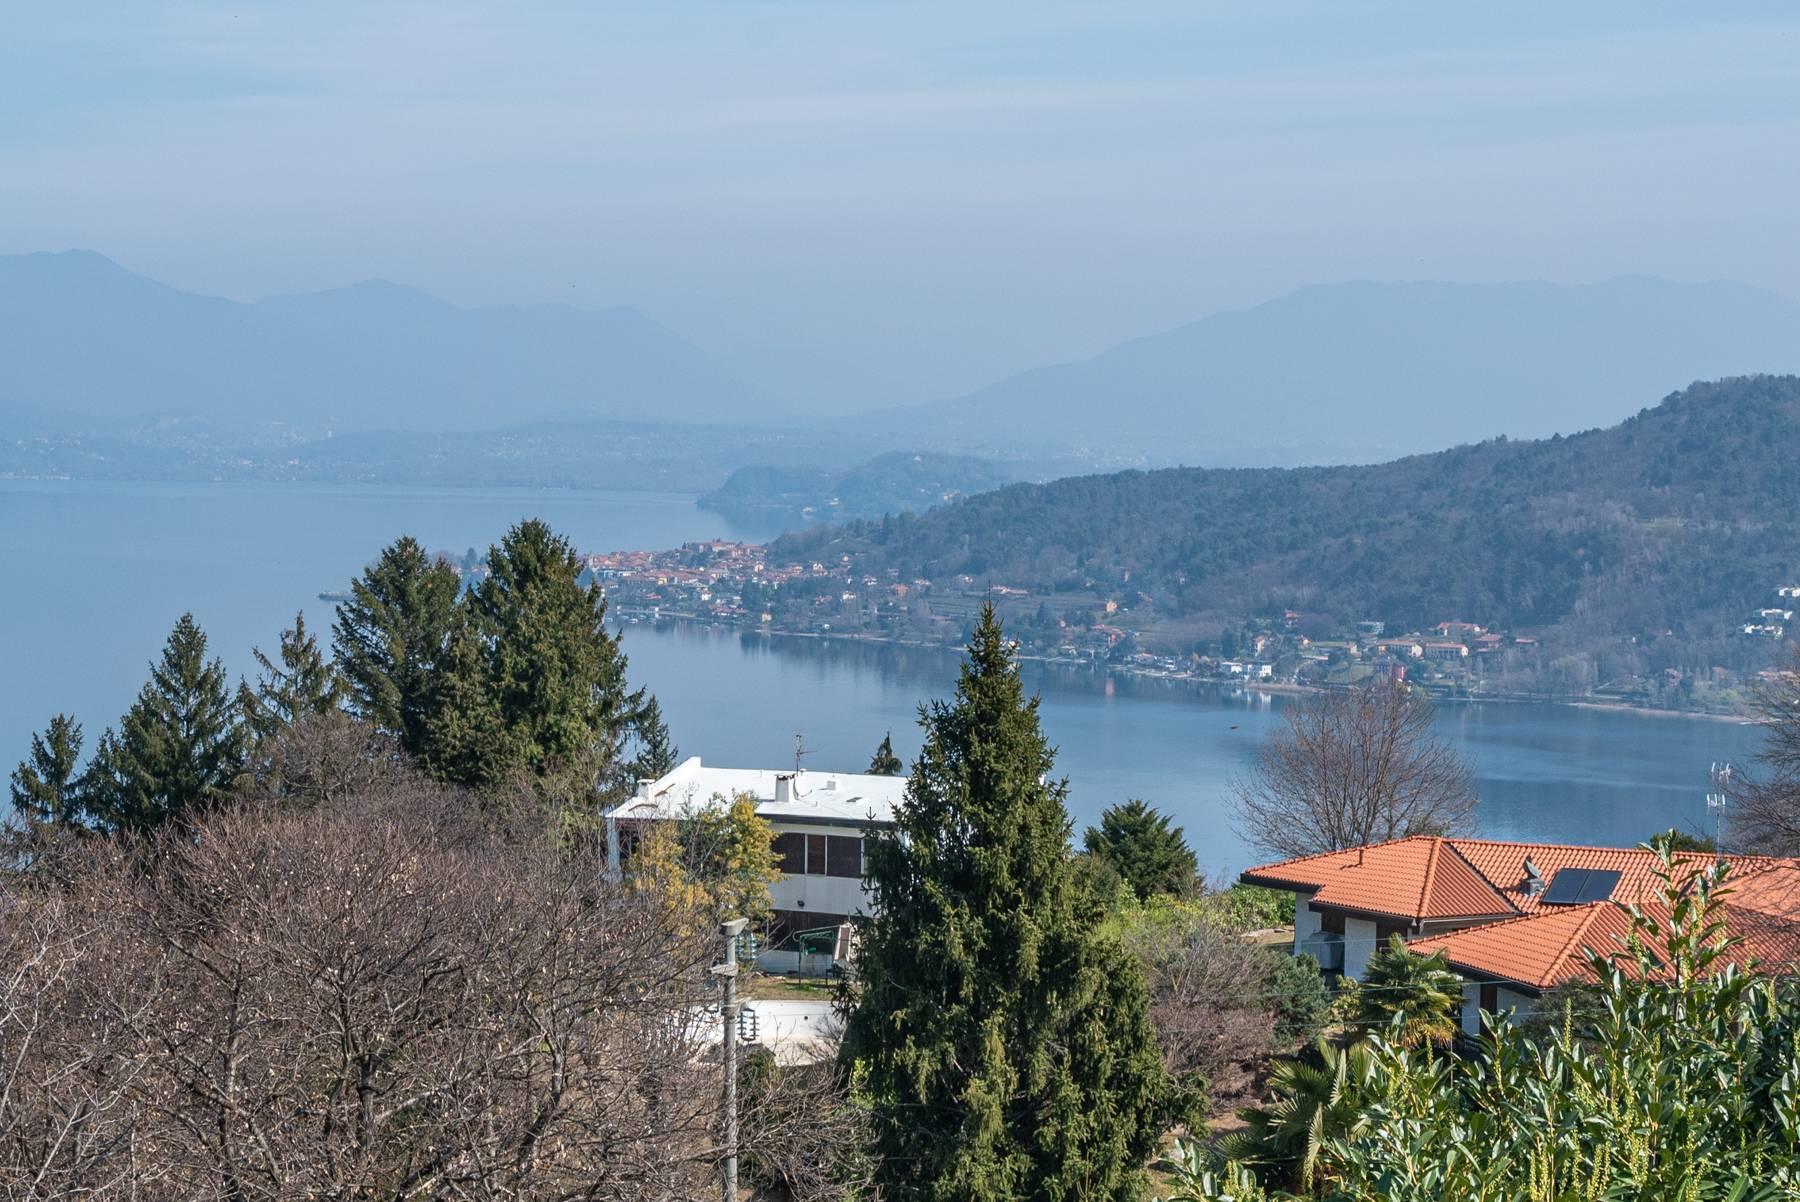 Villa on the hills of Arona overlooking the lake - 9